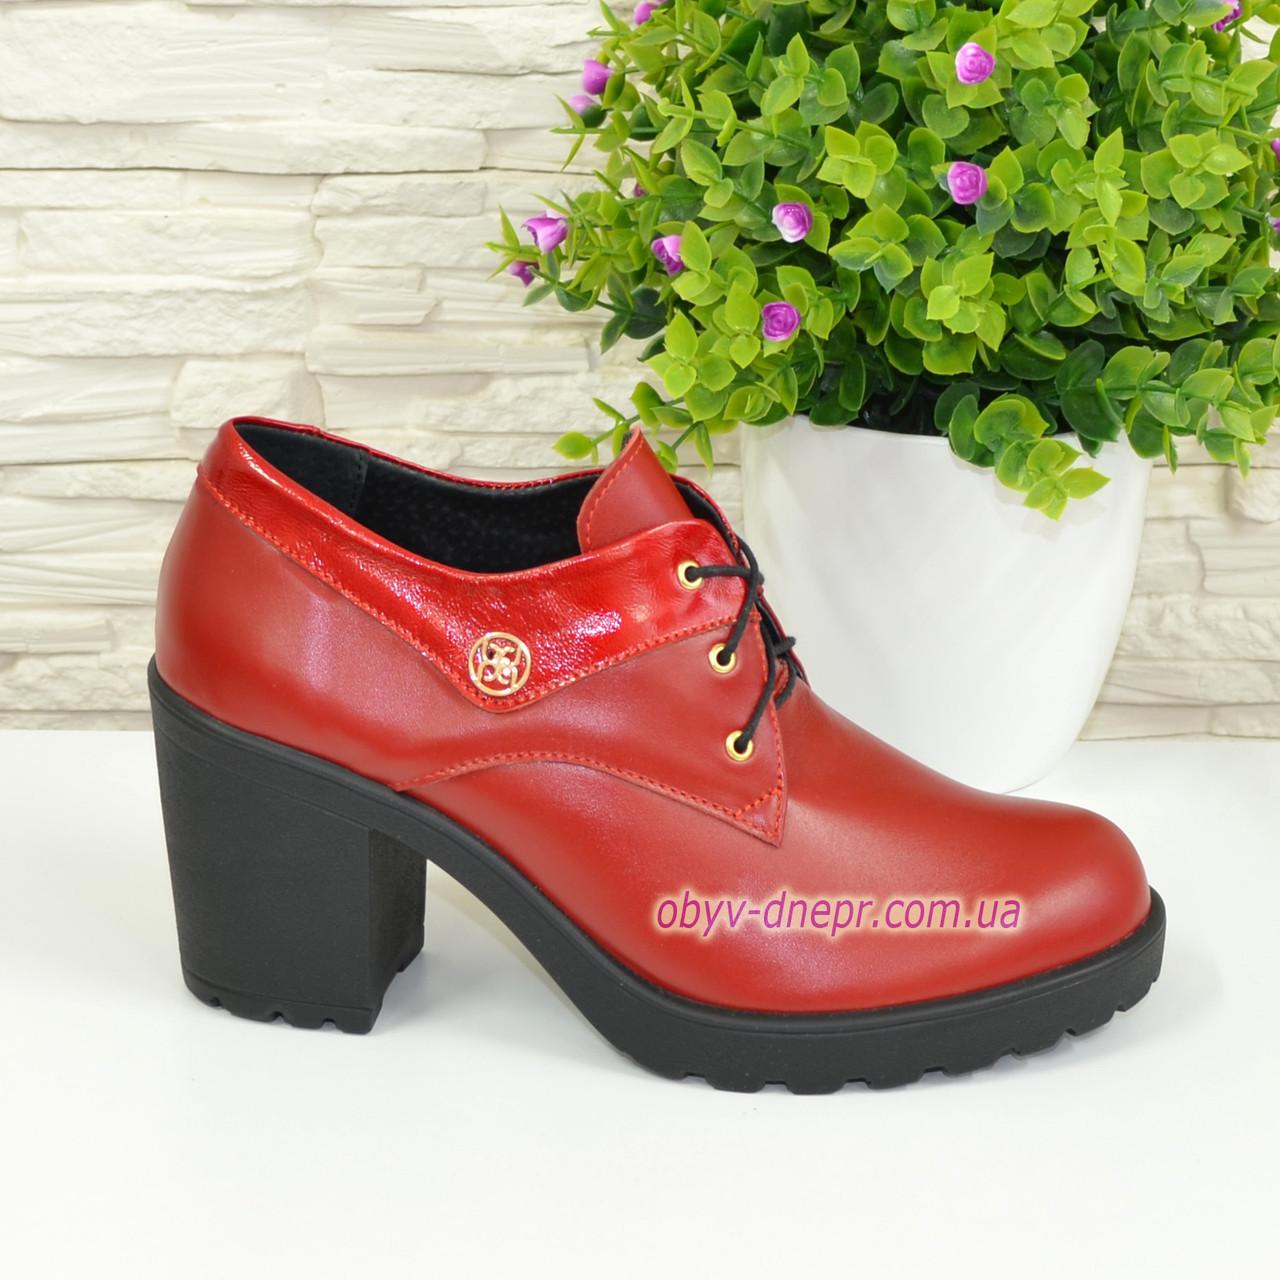 Туфли женские кожаные красные на шнуровке